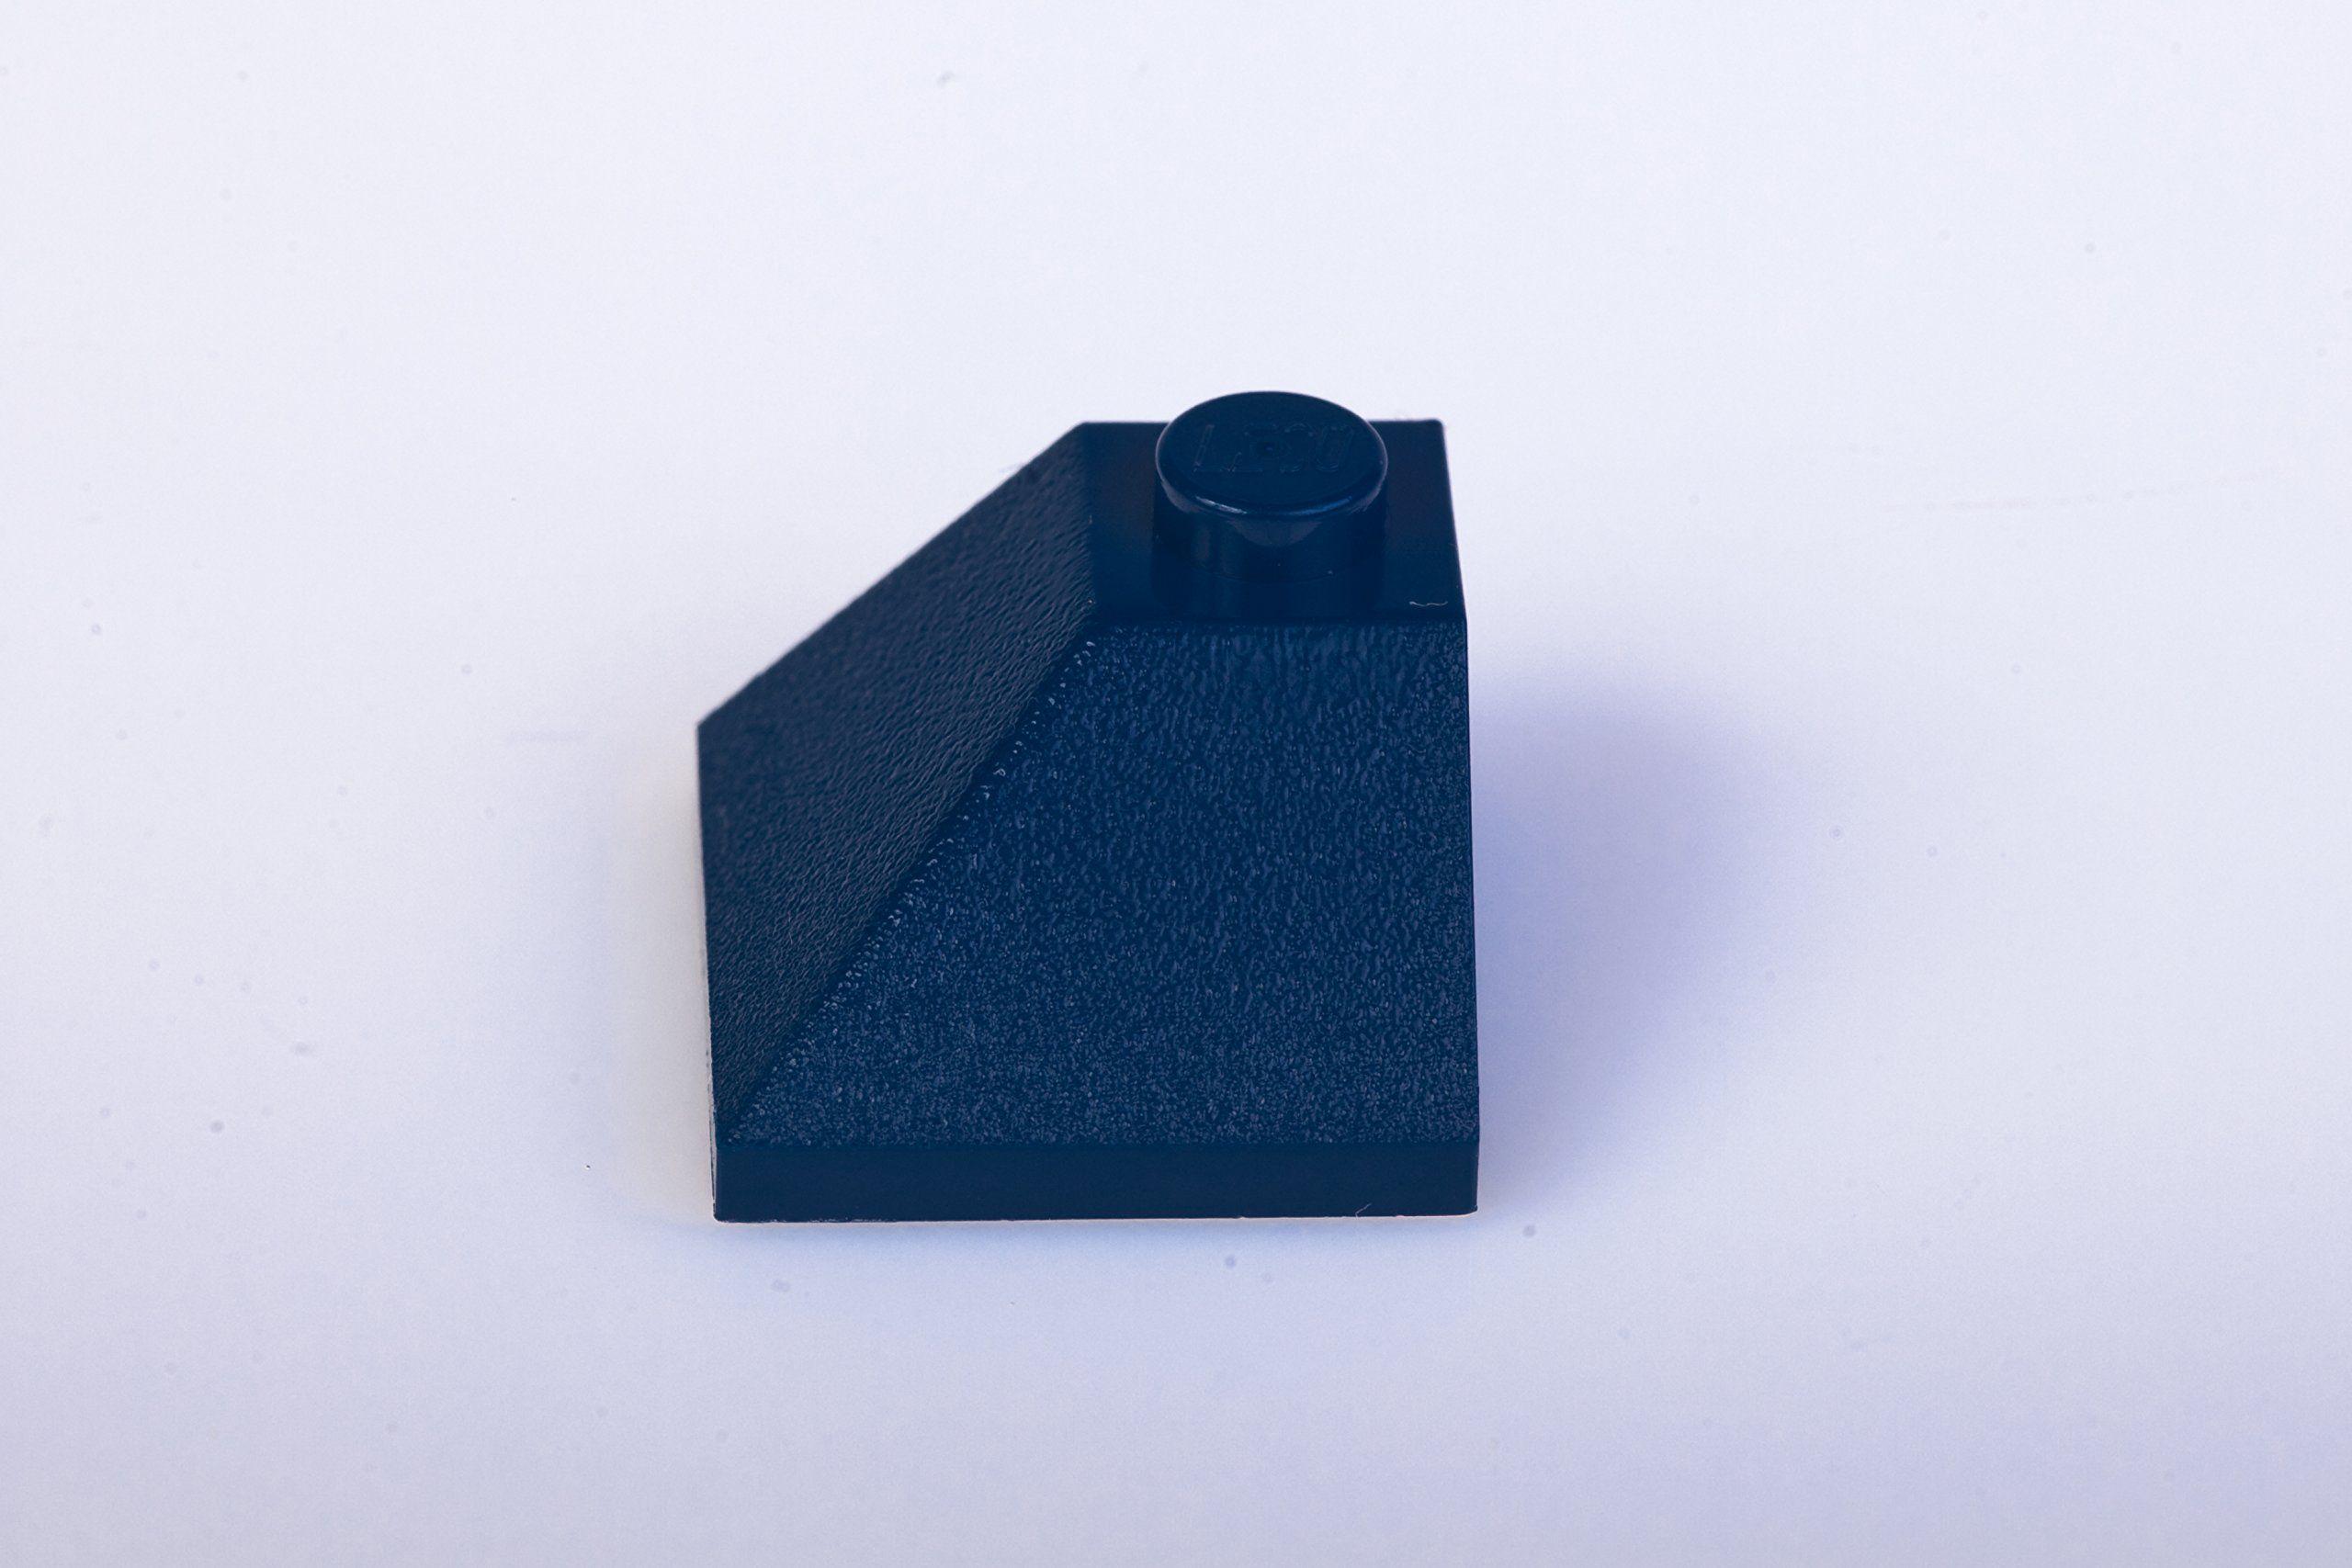 Lego 4 Blue 1x3 Finishing tile NEW